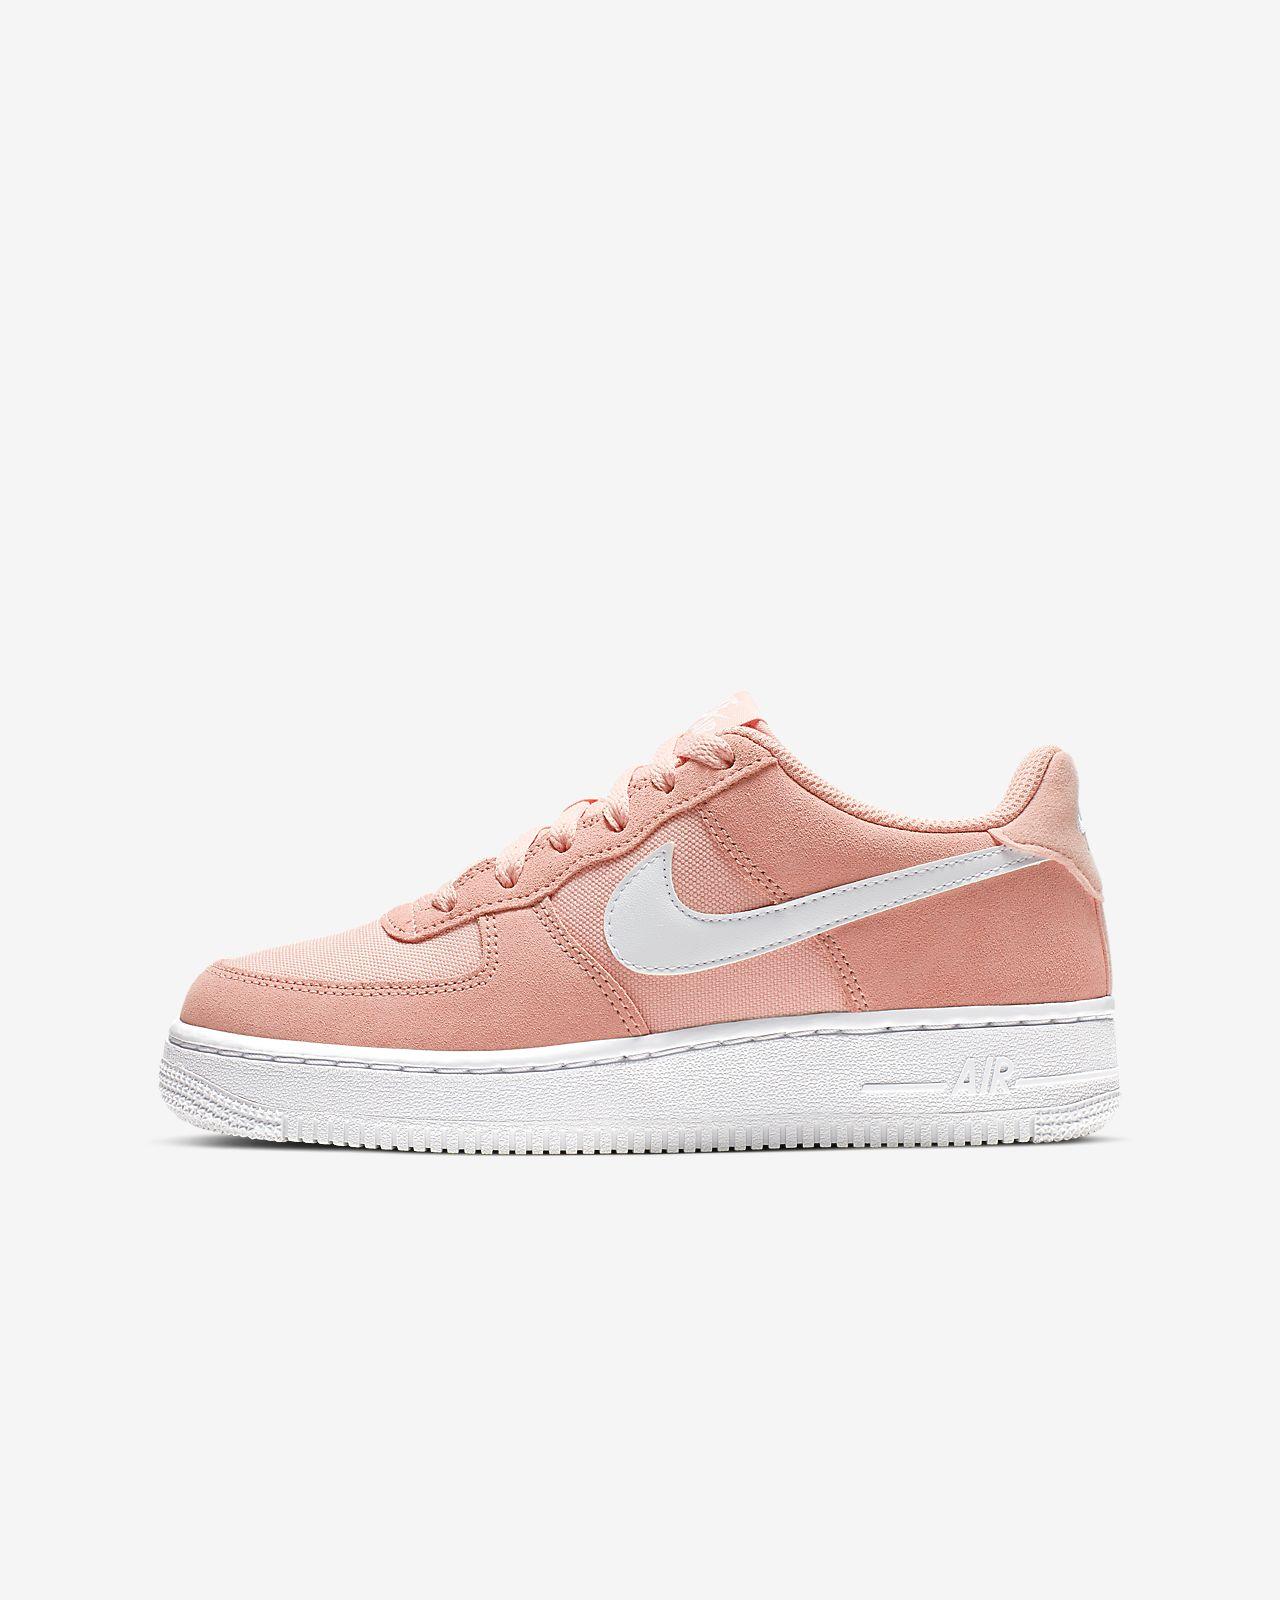 981c1edc211 Nike Air Force 1 PE sko til store barn. Nike.com NO